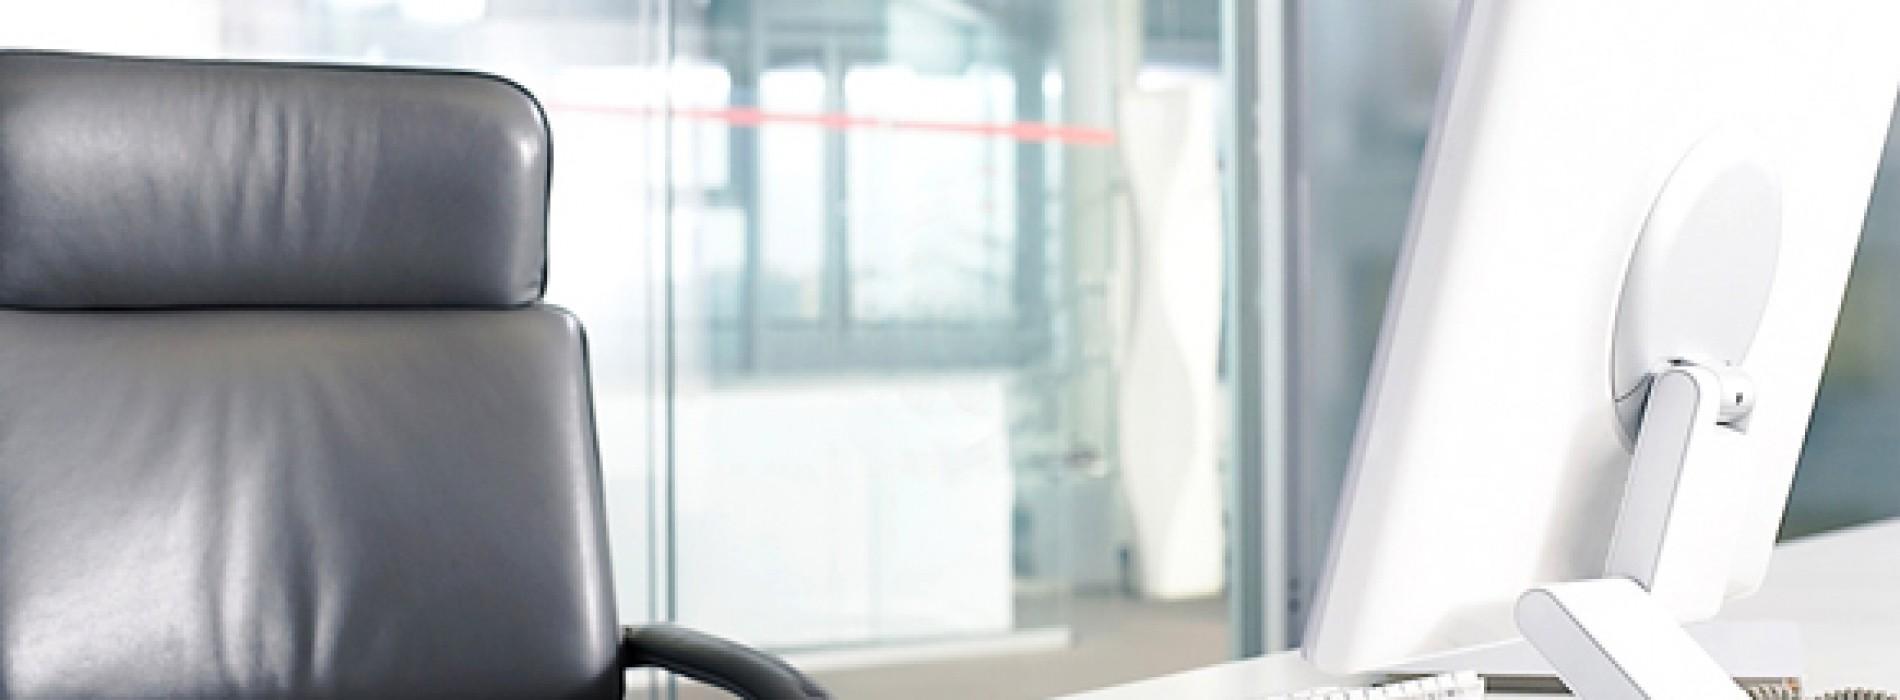 Ile mamy czasu na wytłumaczenie nieobecności w pracy?